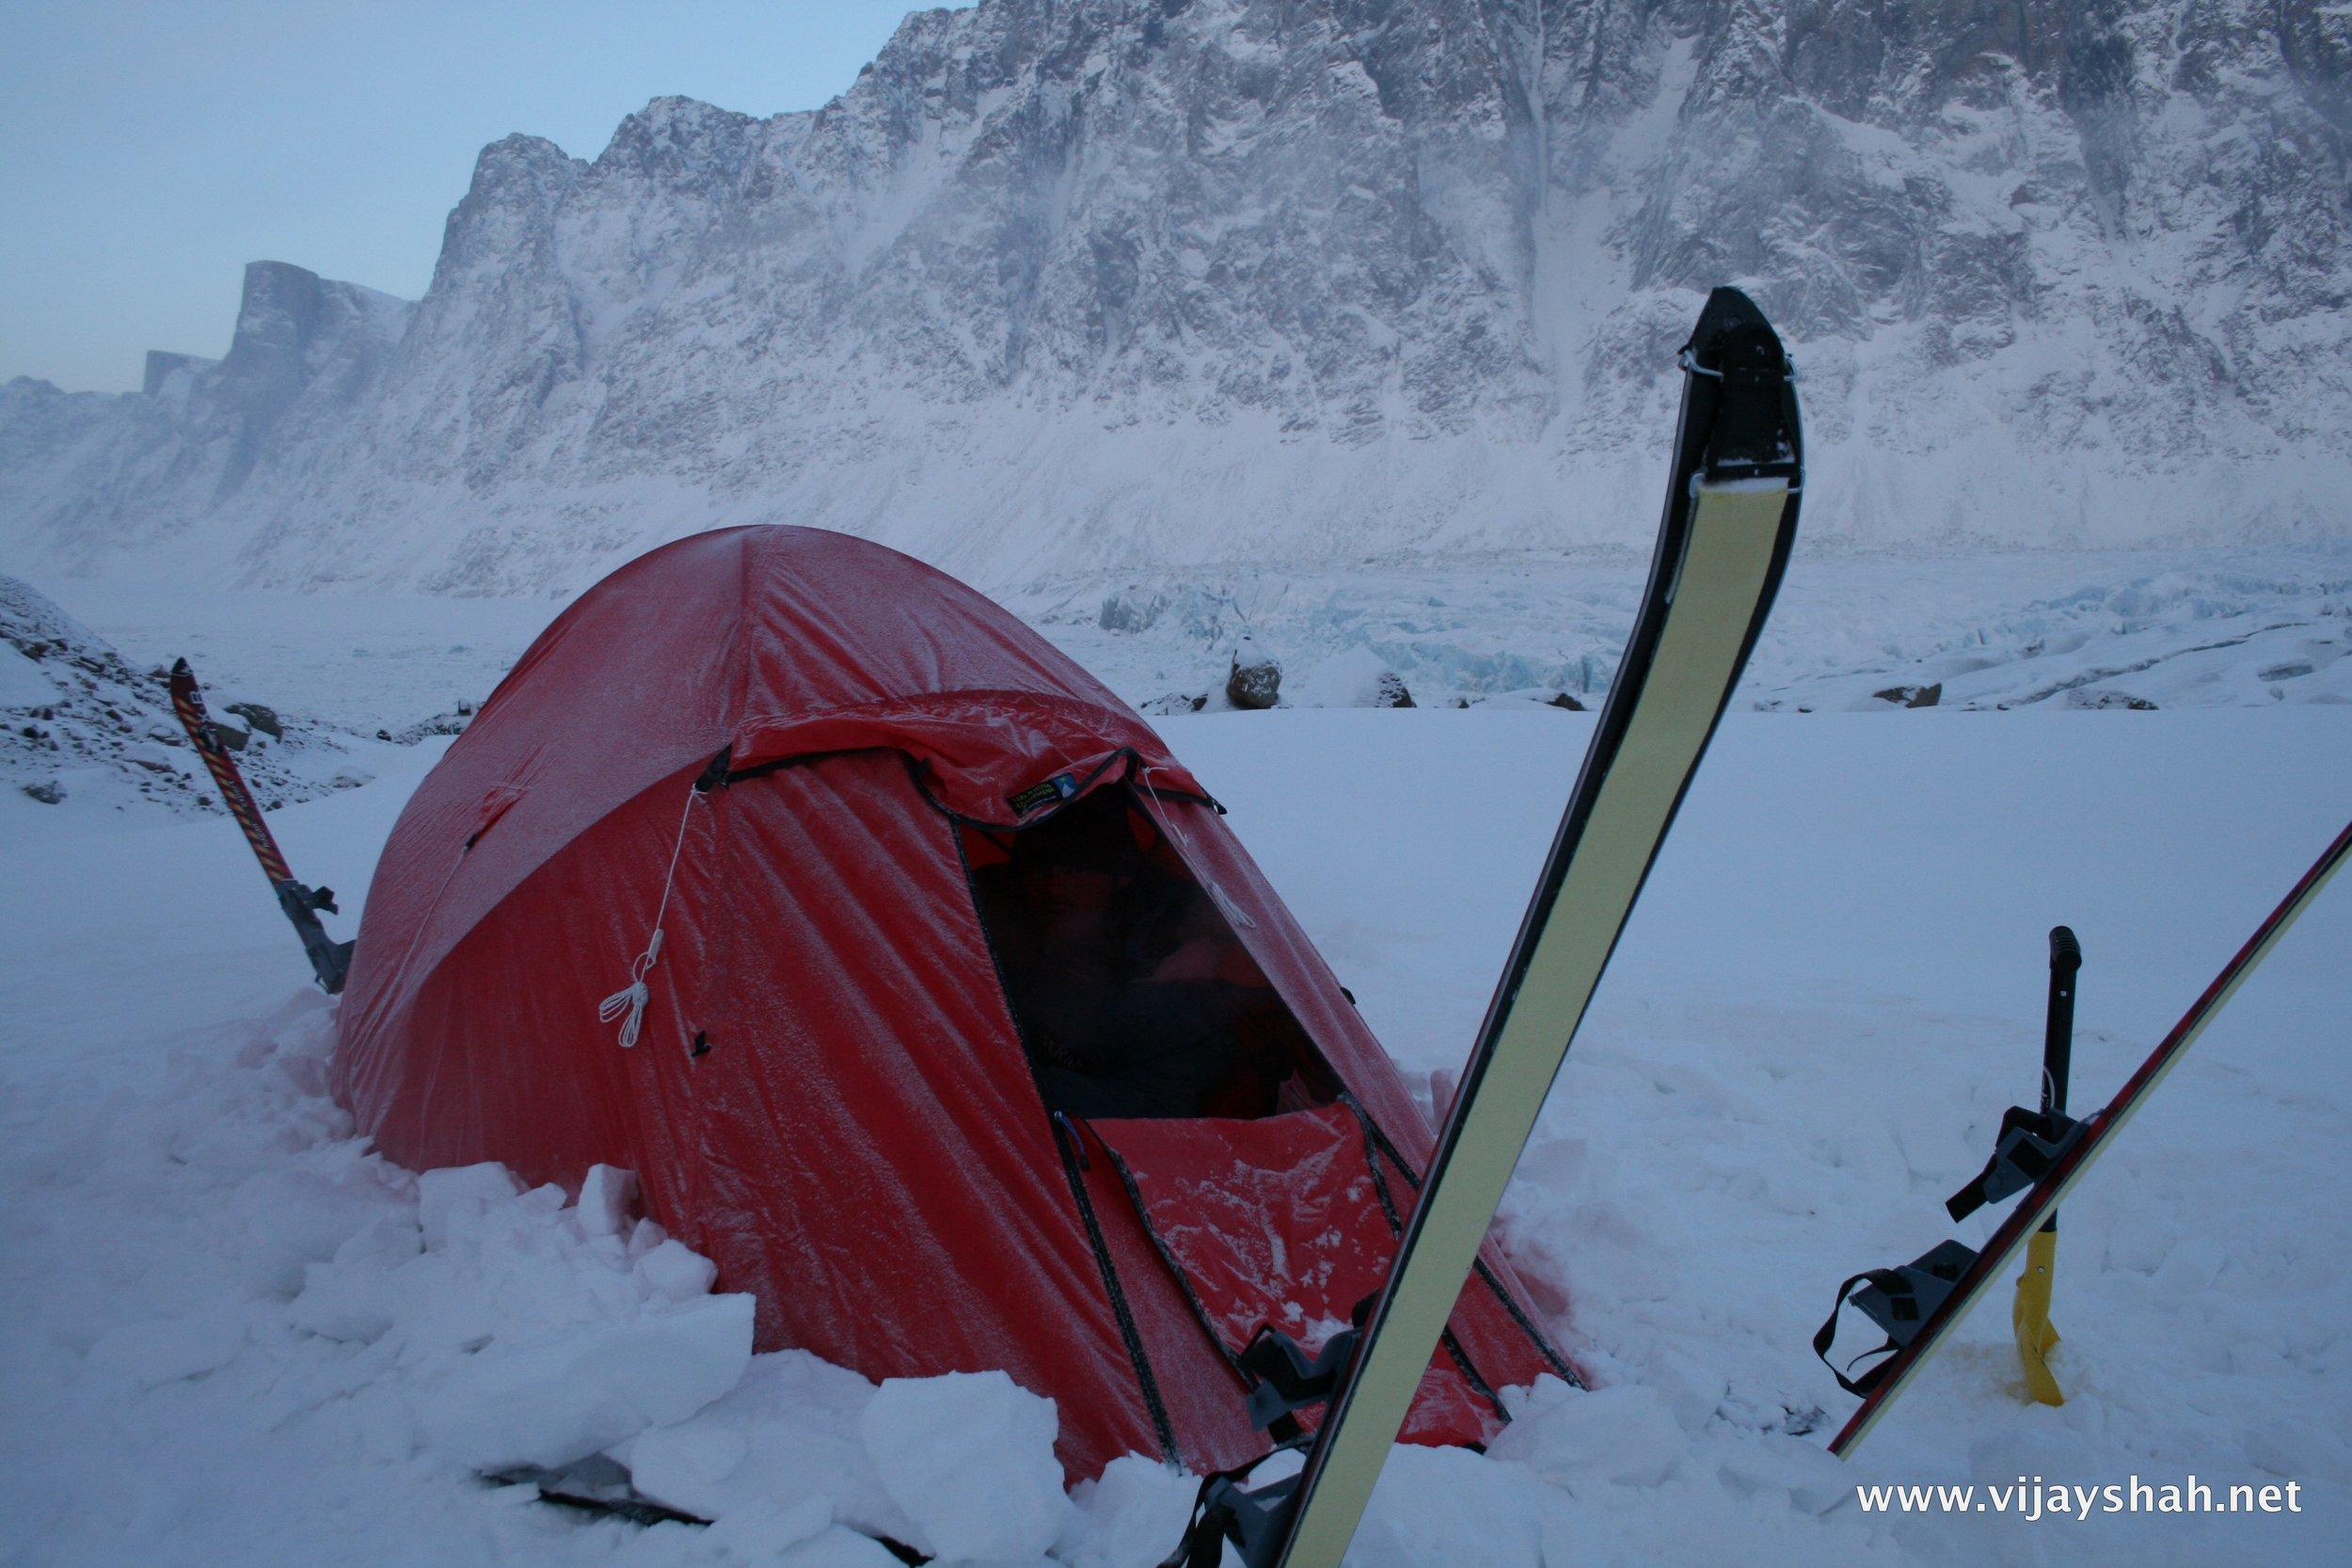 Camping at -35C